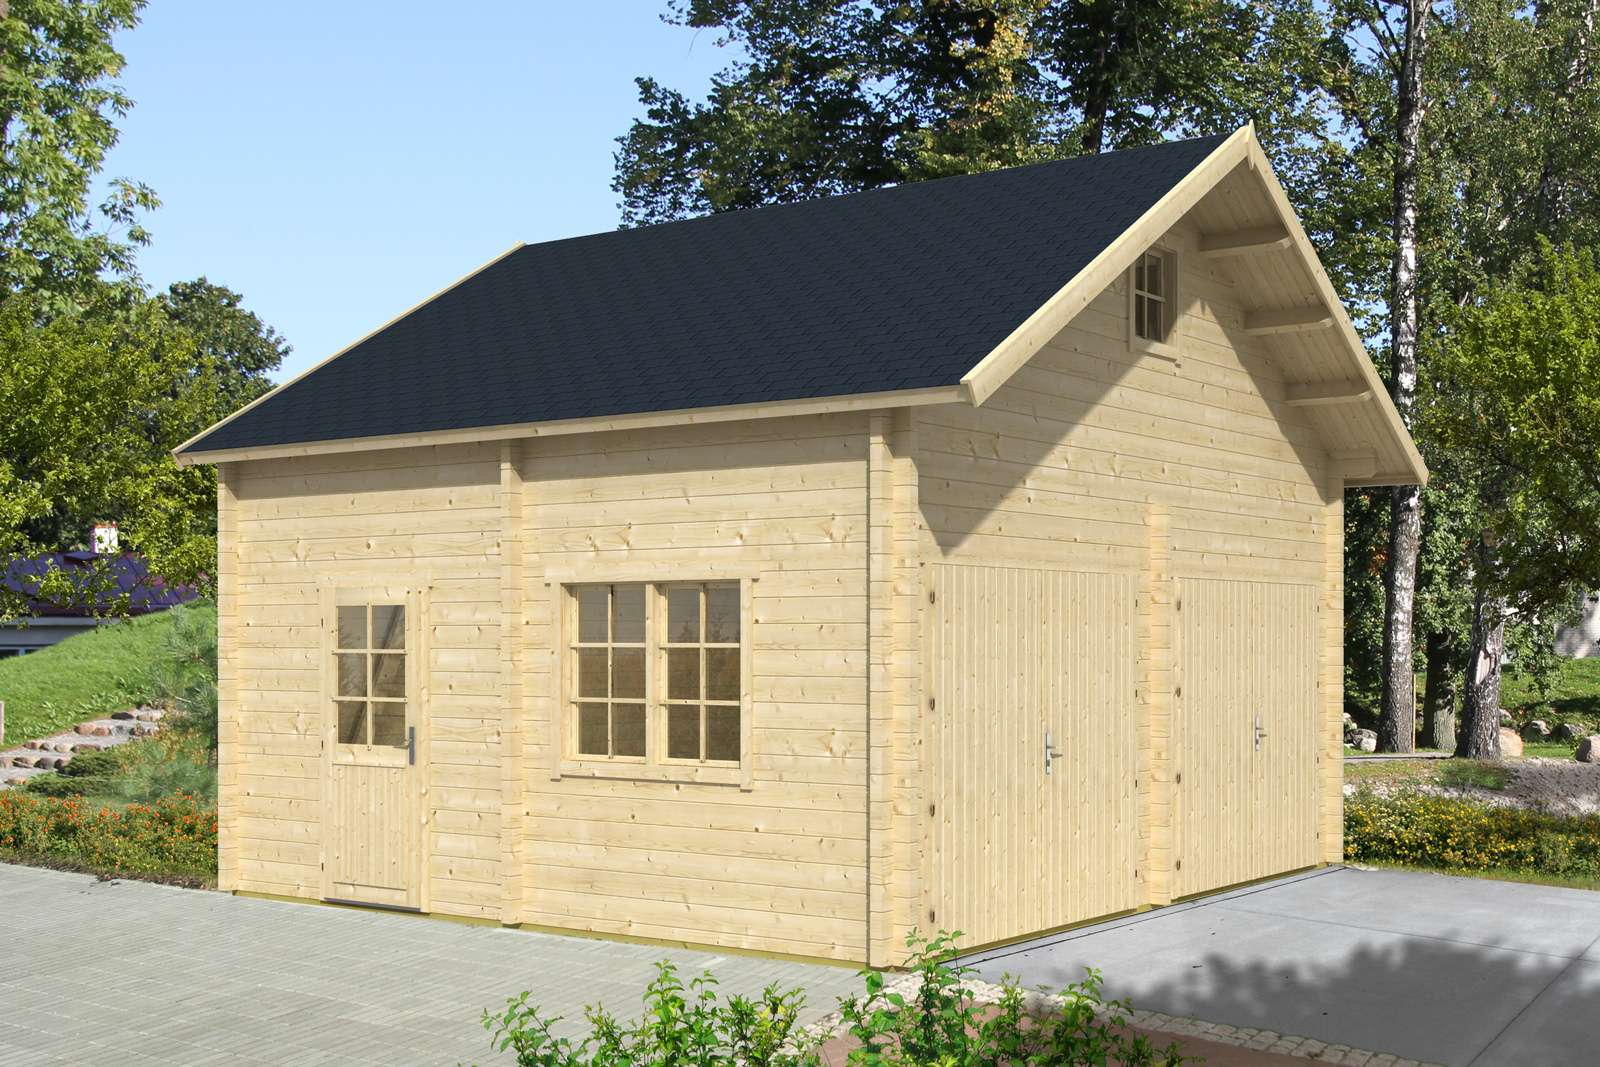 Doppelgarage pultdach  Fertiggaragen aus Holz kaufen: Holzfertiggaragen bis zu -20%